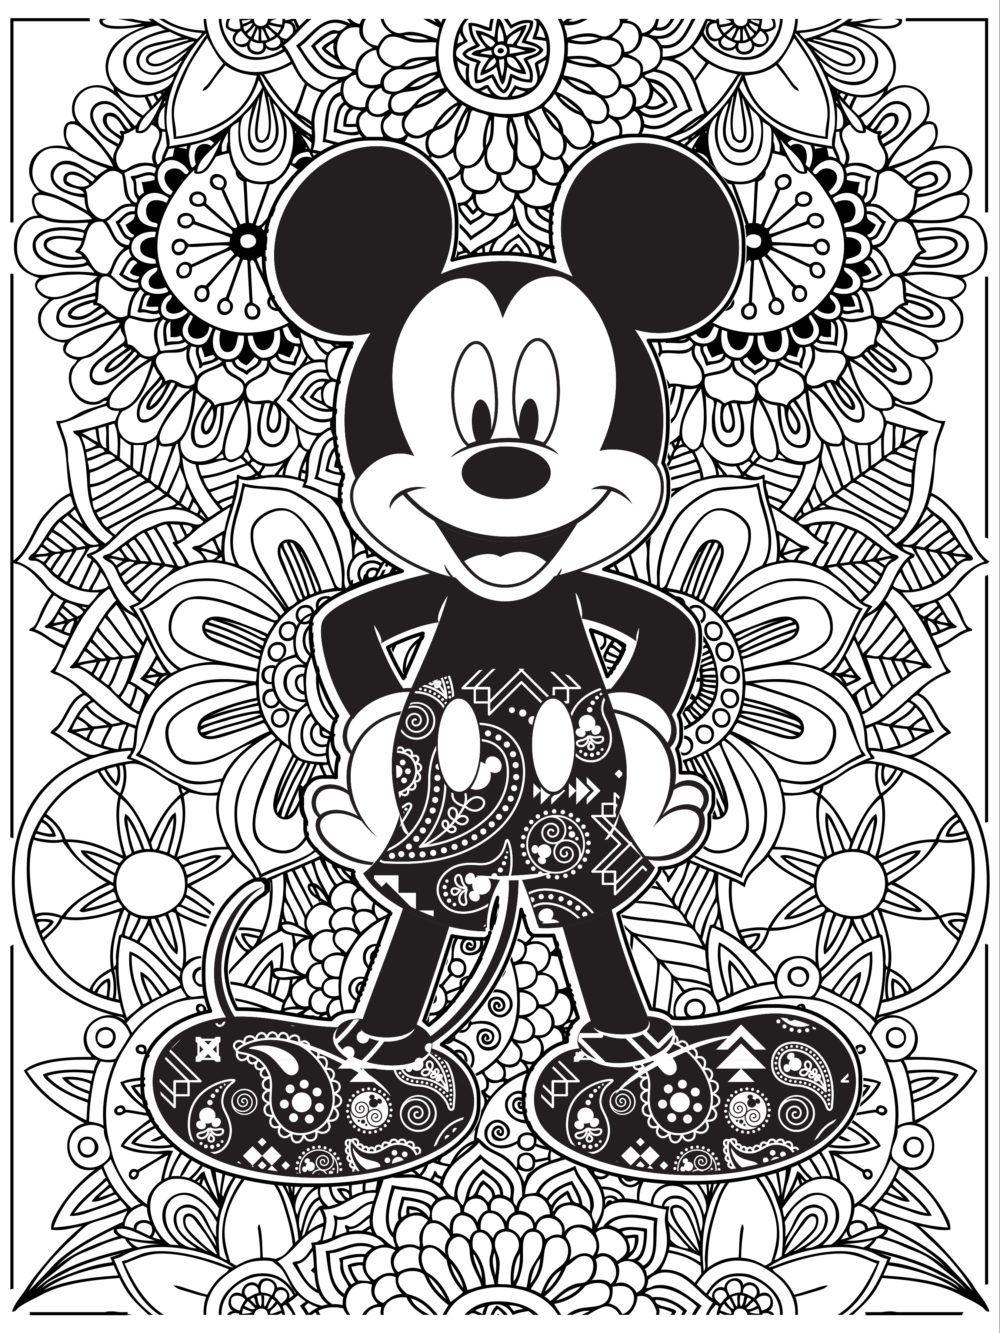 Pin By T Pelser Pelser On Voorblaaie | Disney Coloring